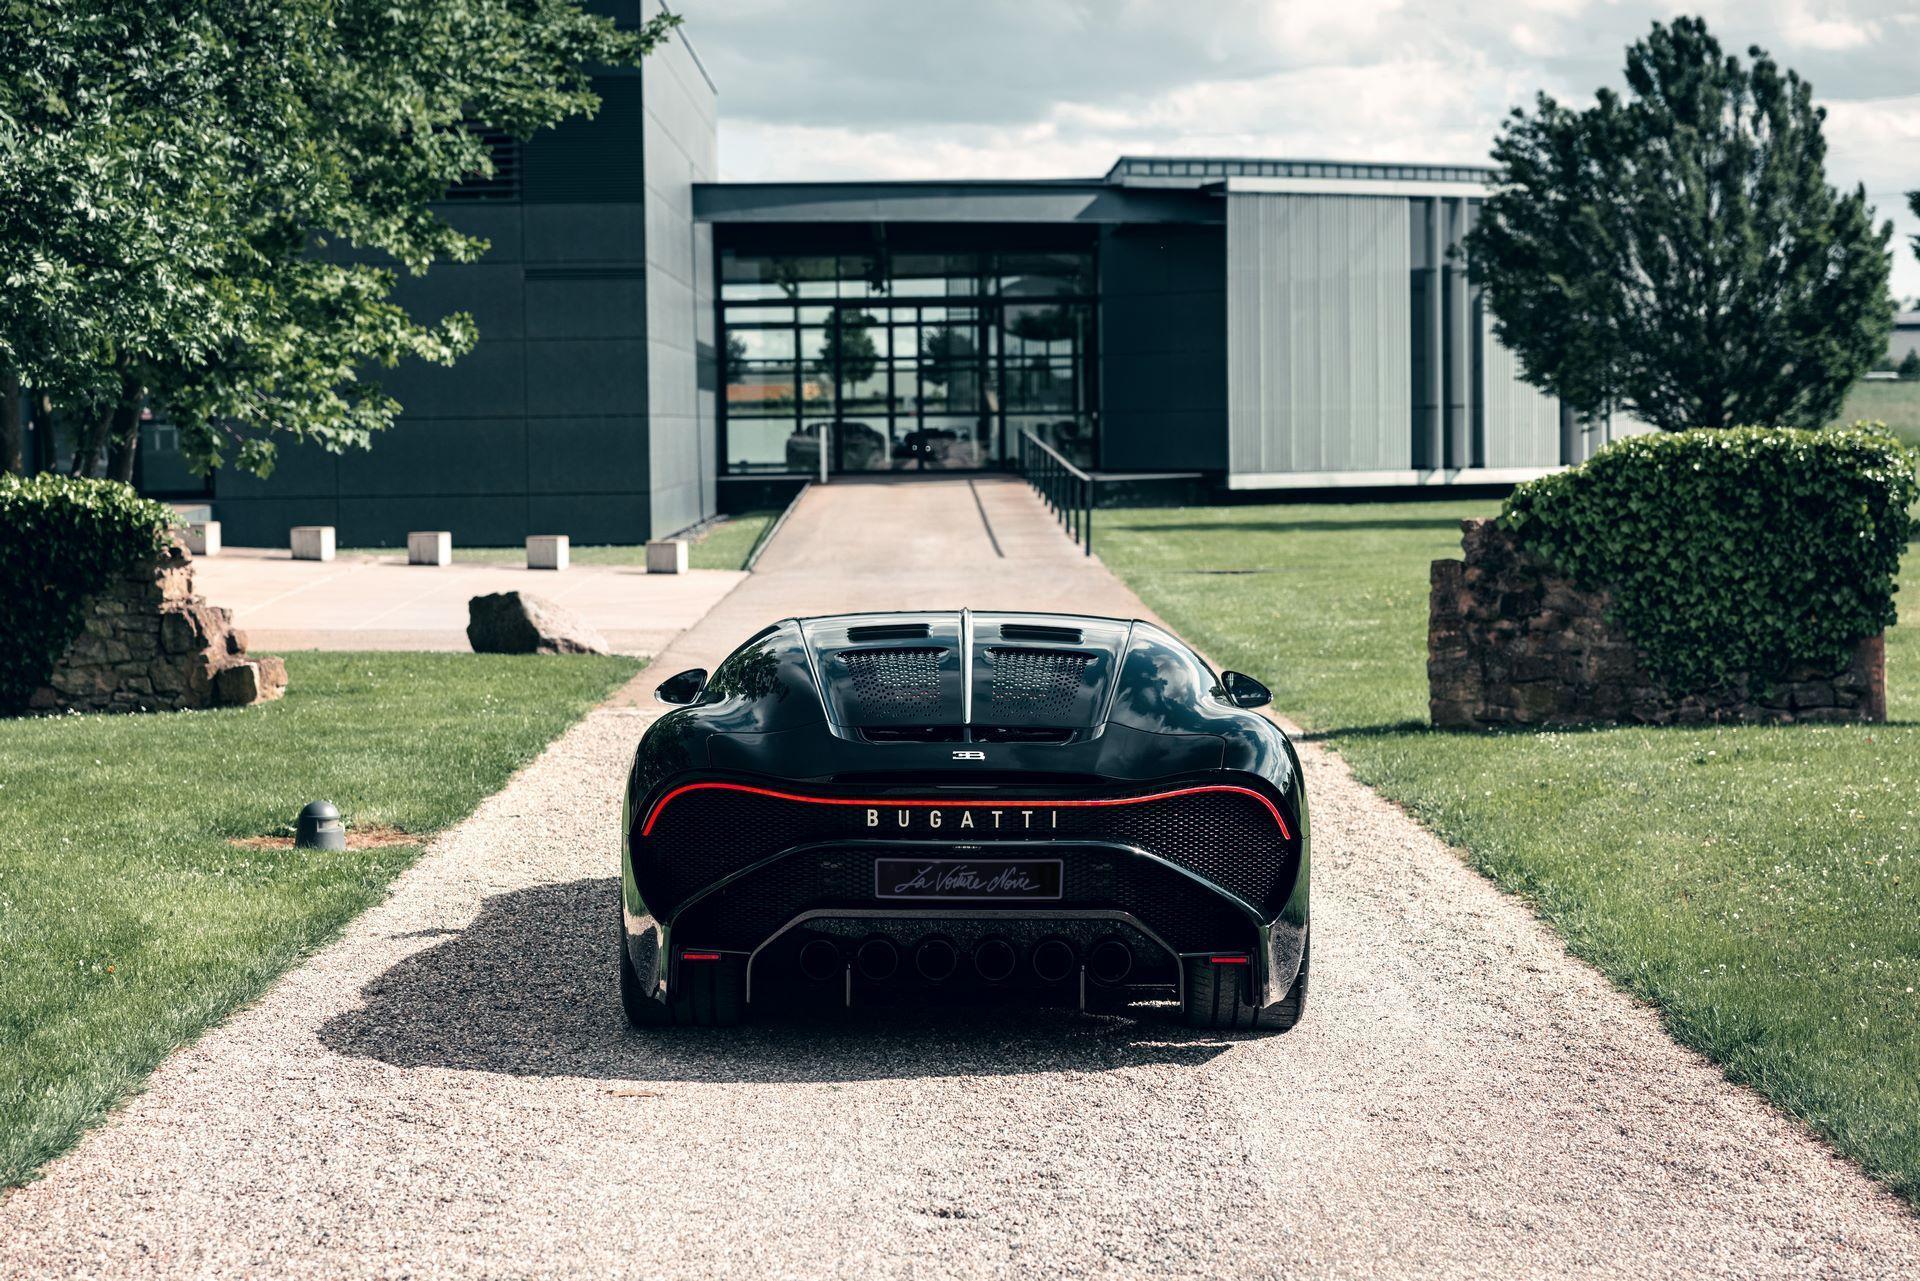 Bugatti-La-Voiture-Noire-10